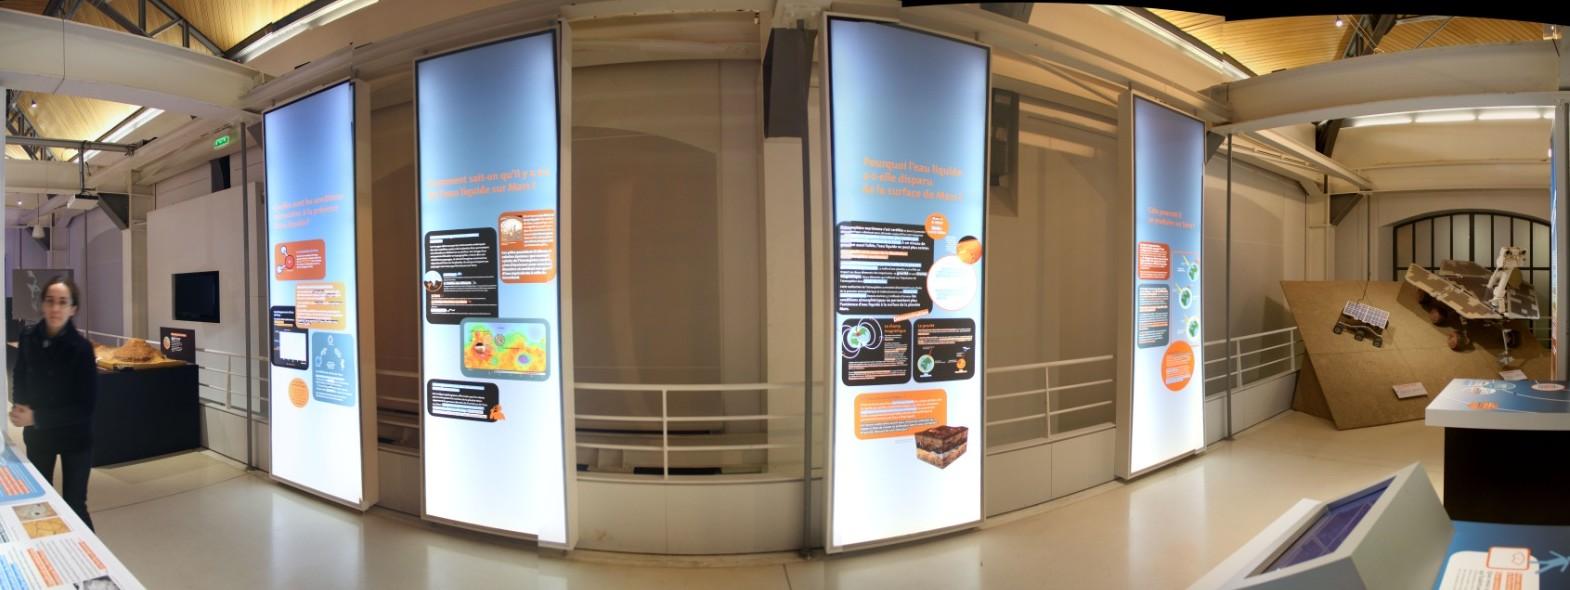 14 12 18 - 17h 57m 01s - Expo l'eau sur Mars pavillon de l'eau_stitch tr